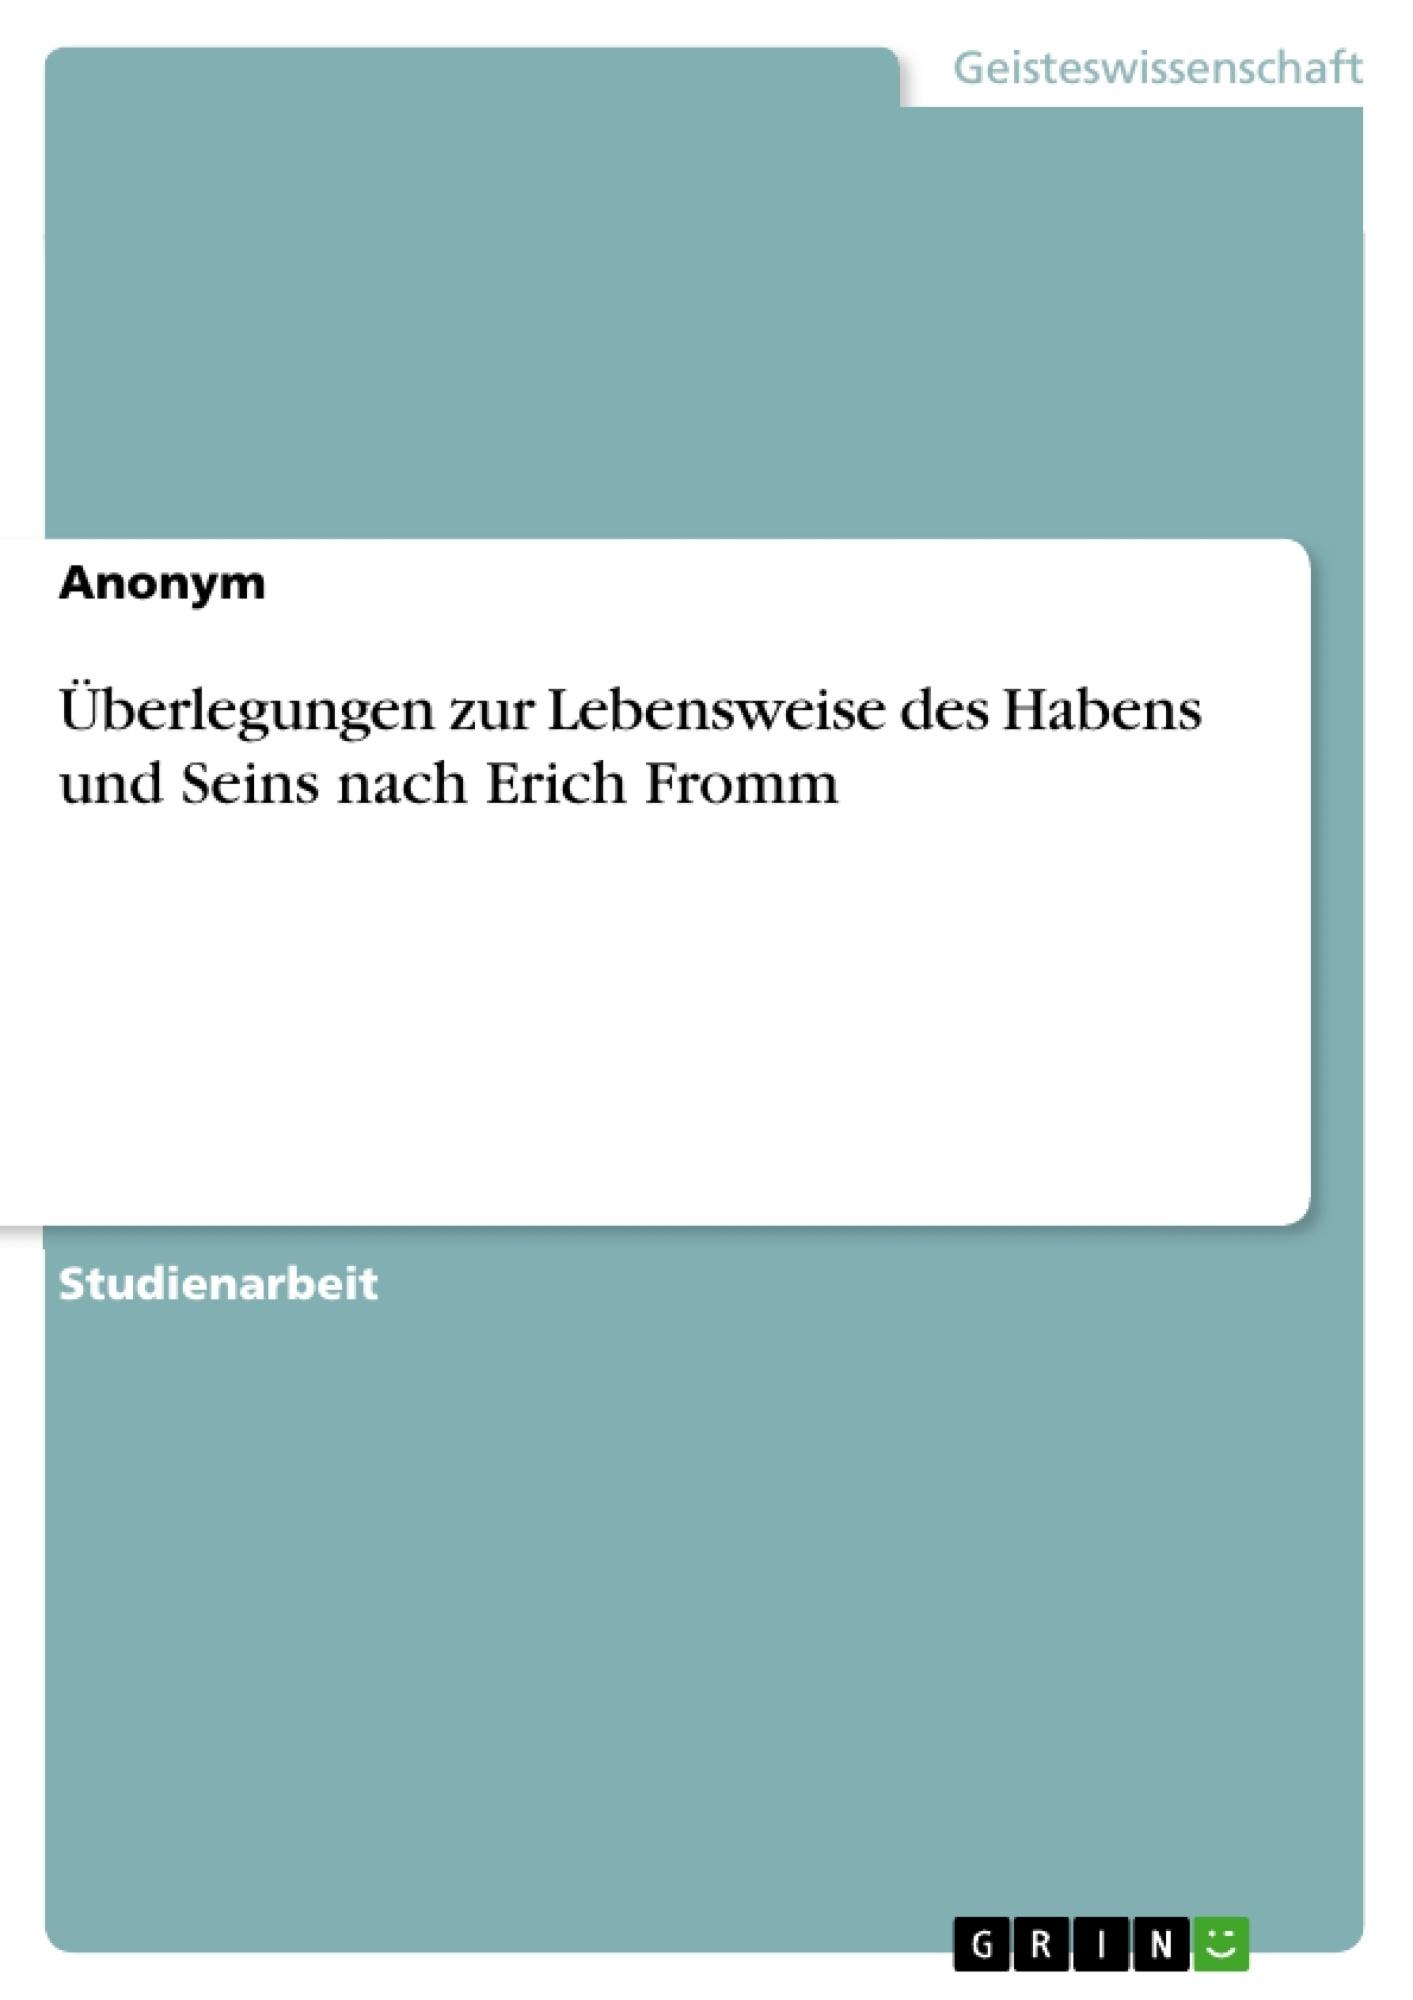 Titel: Überlegungen zur Lebensweise des Habens und Seins nach Erich Fromm